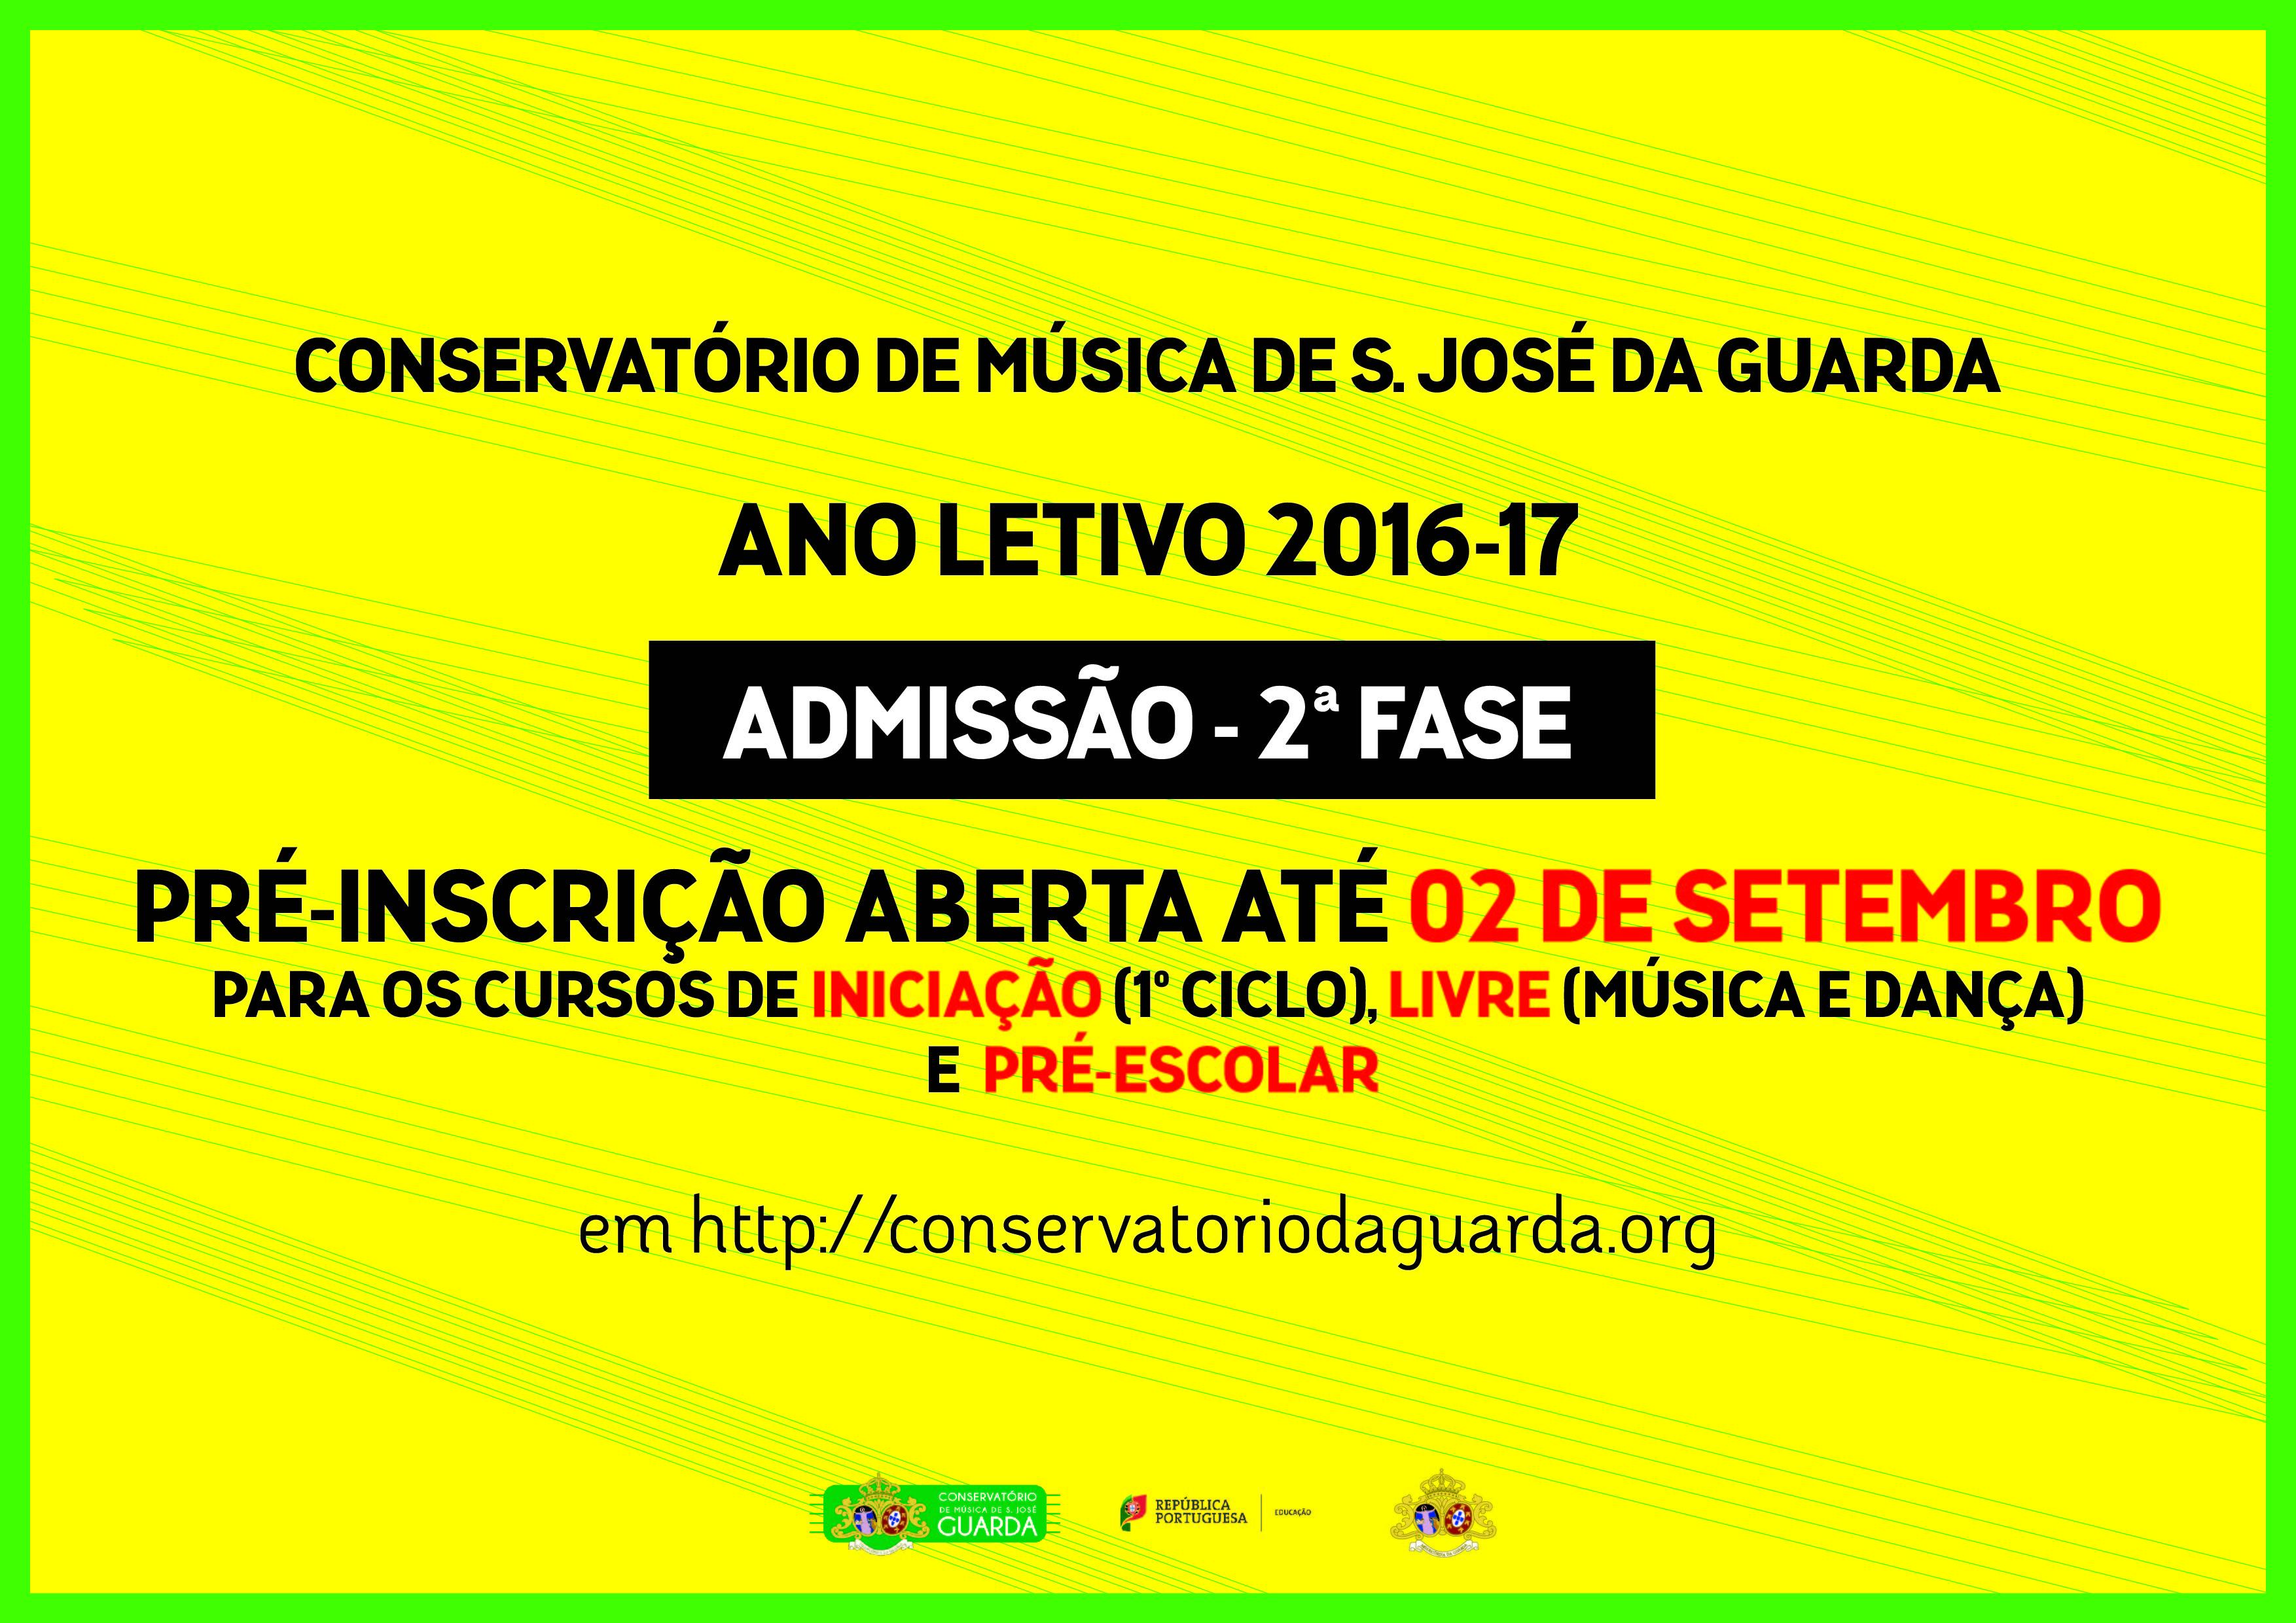 Admiss o ao conservat rio 2 fase conservat rio de for Conservatorio de musica